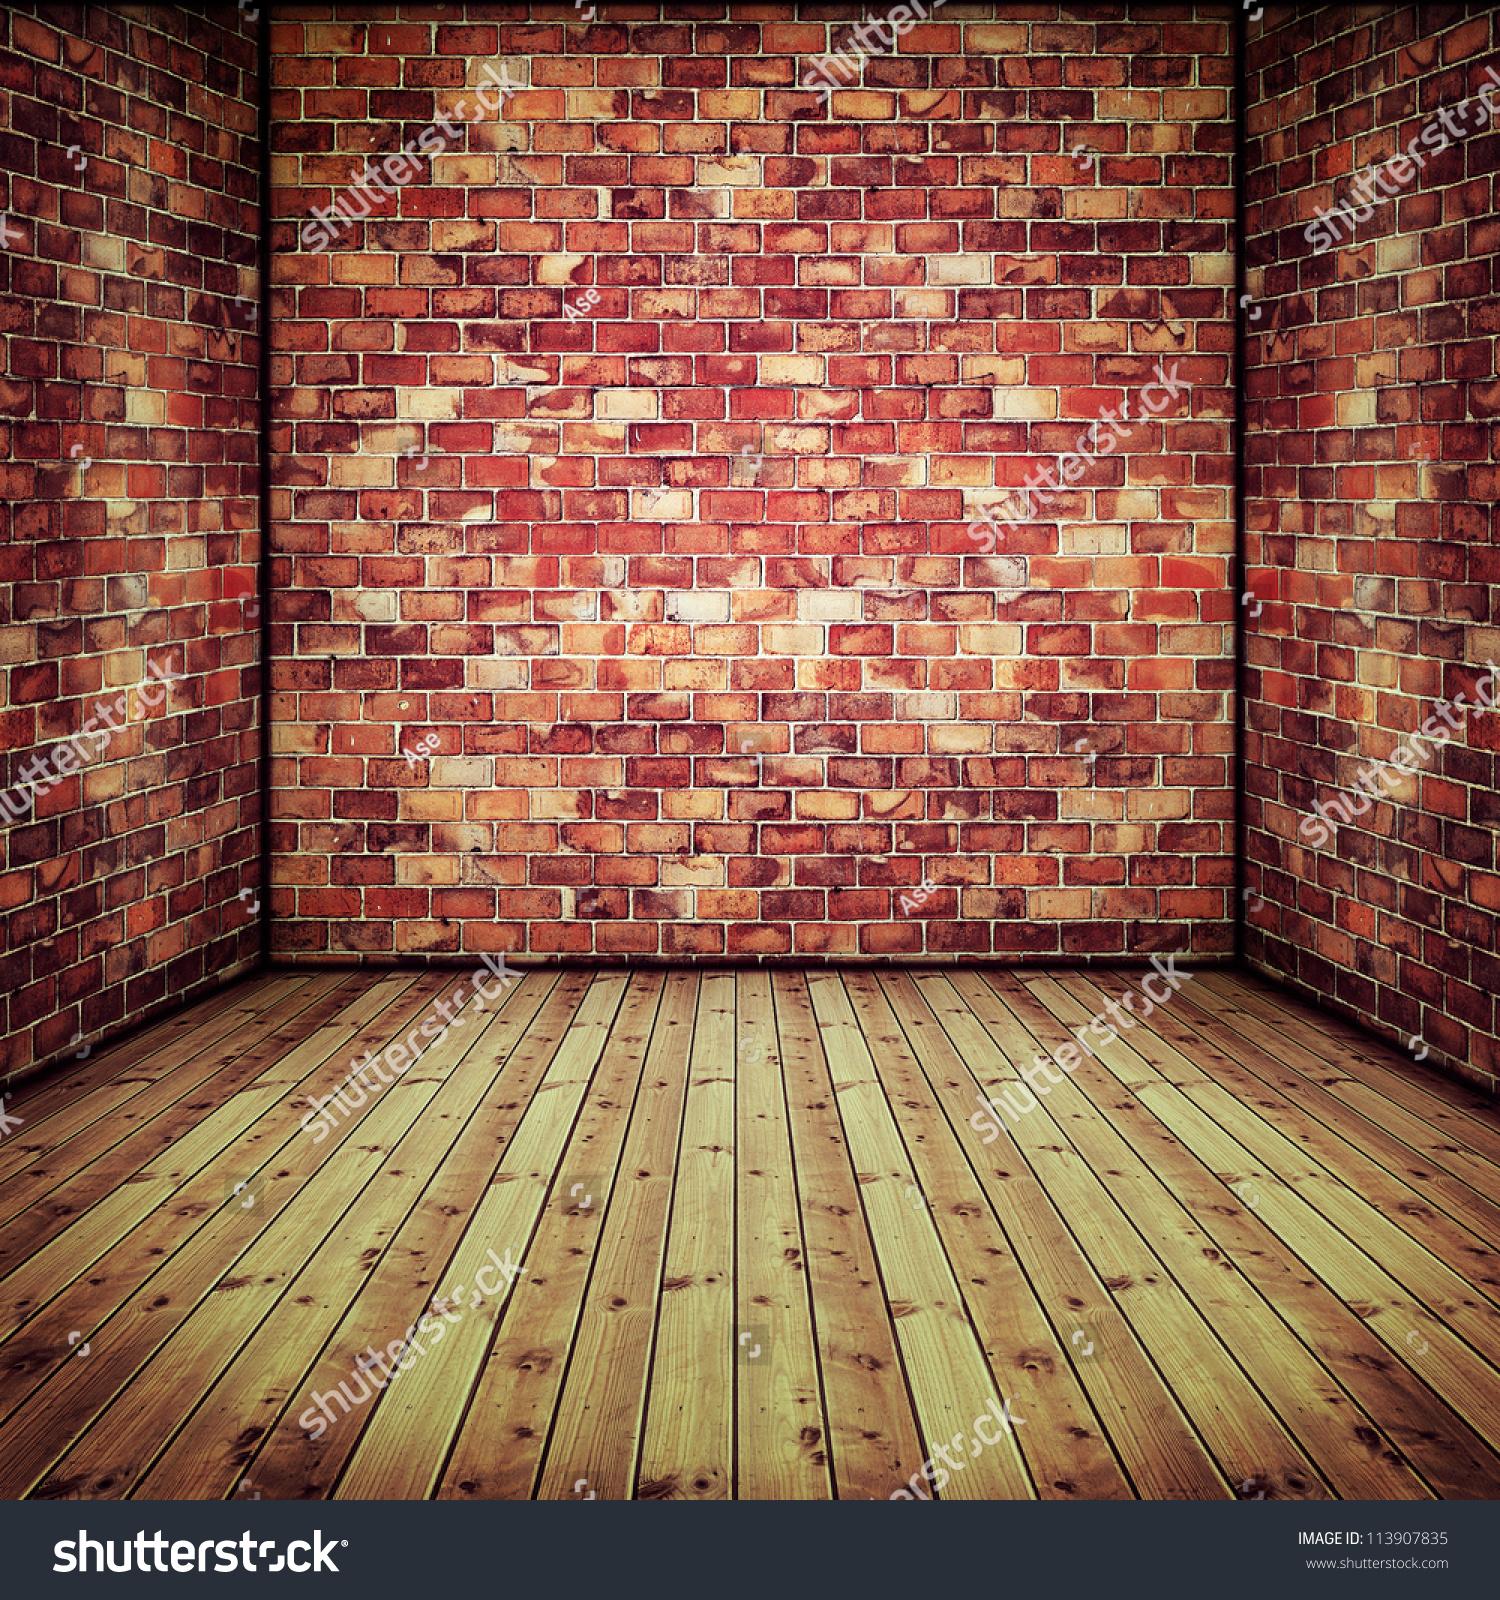 摘要室内老砖墙和木地板-工业